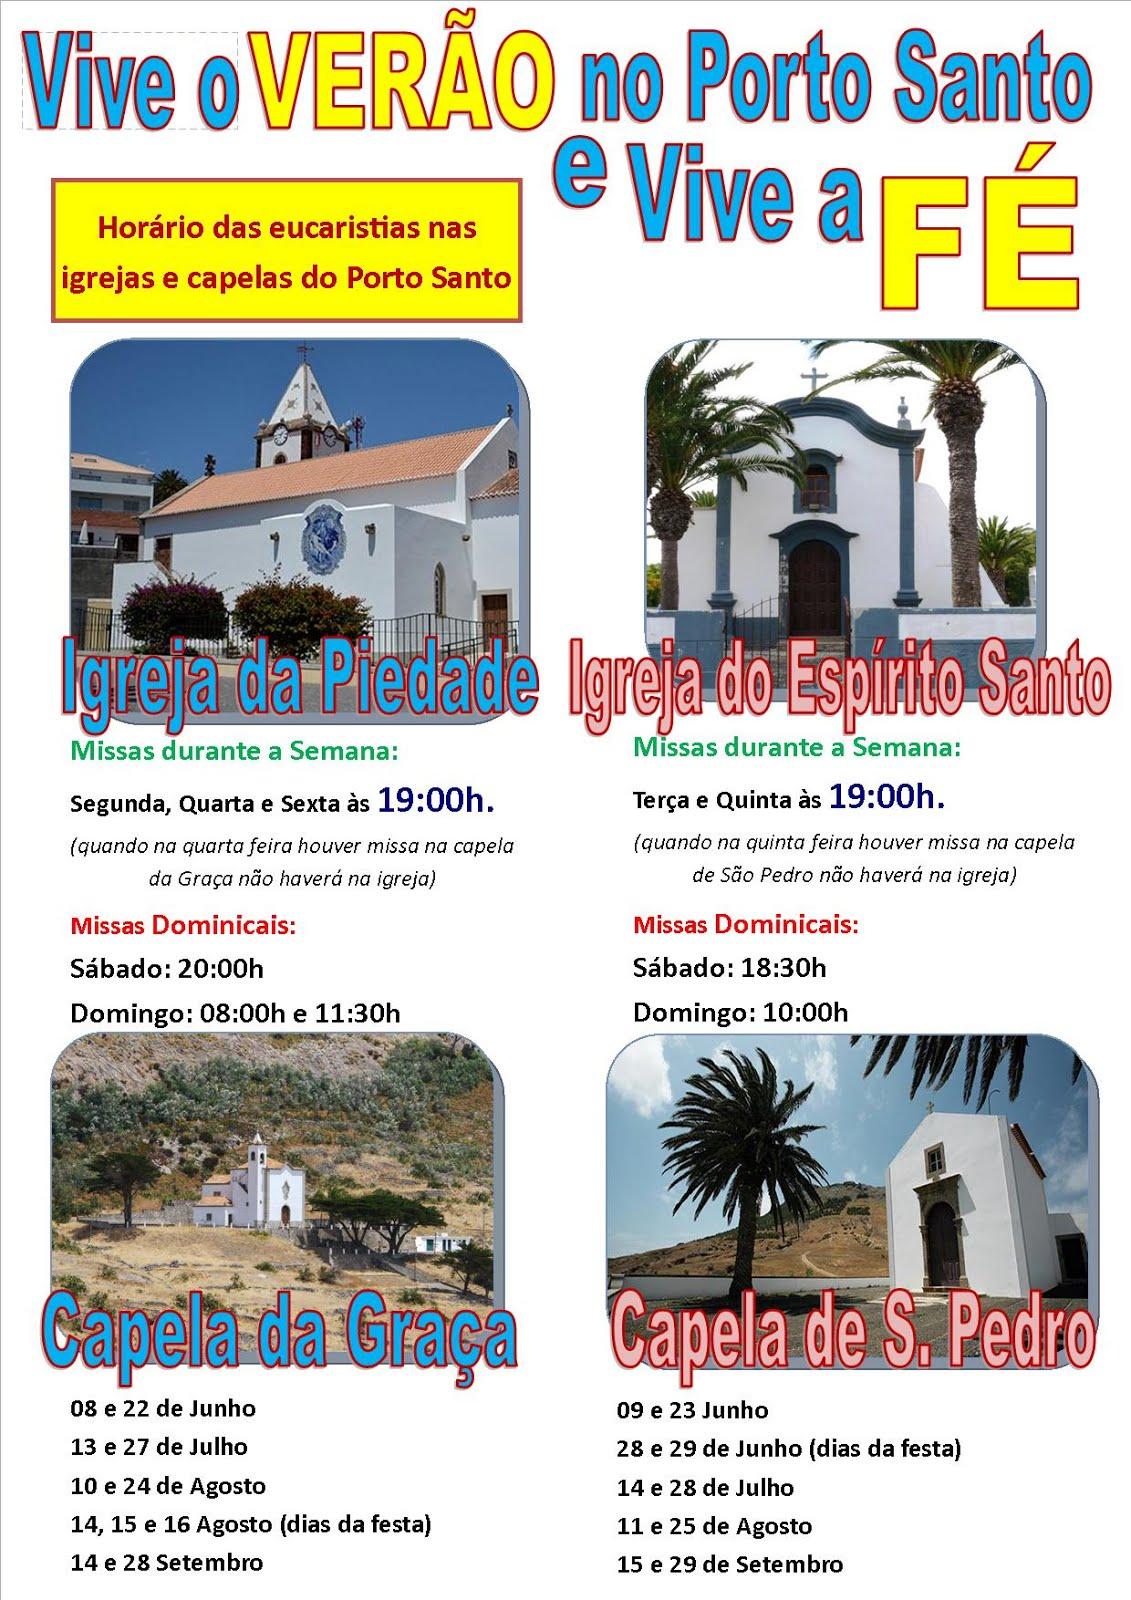 Horário das Eucaristias no Porto Santo